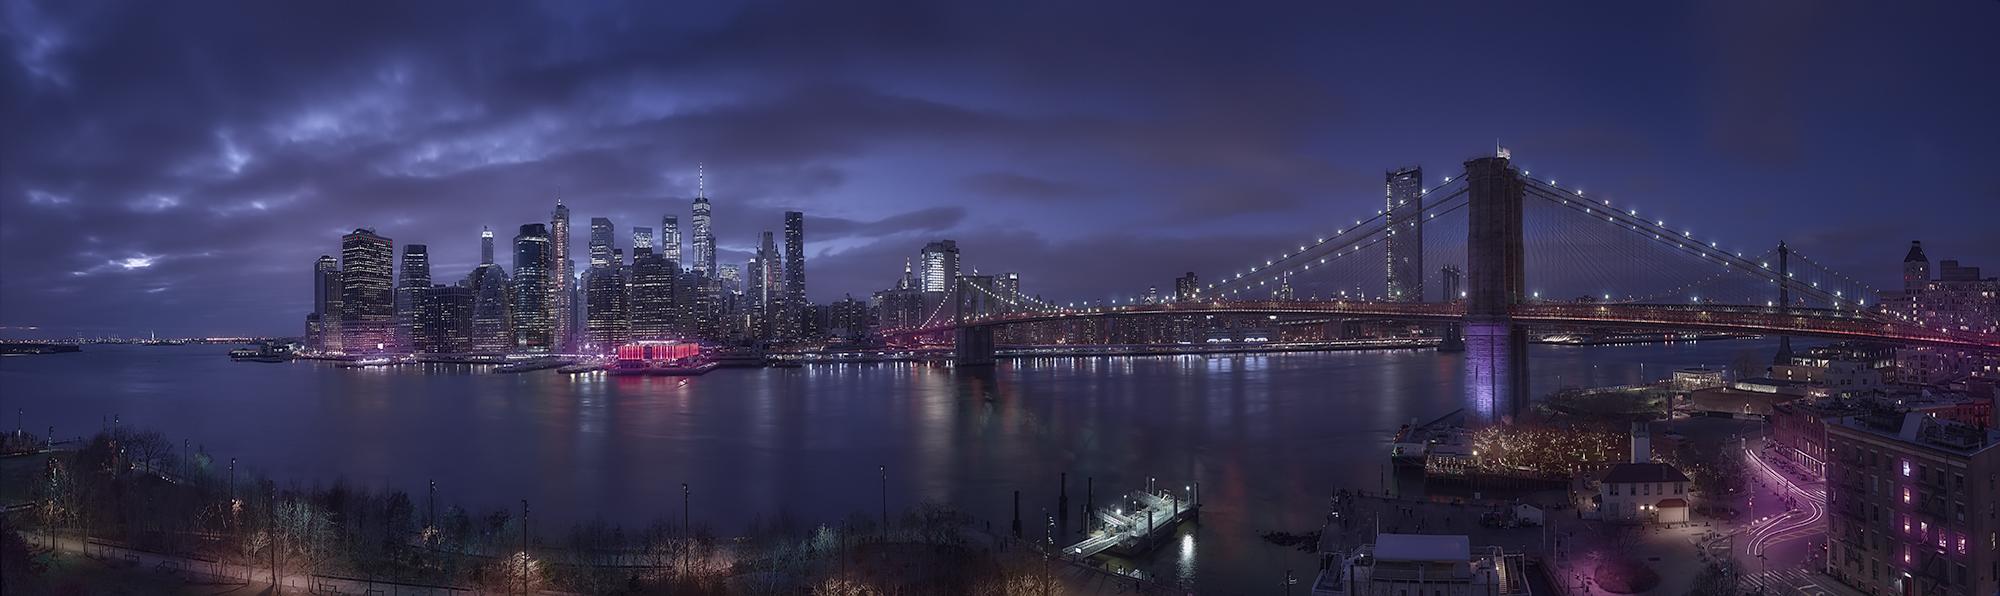 NYC Skyline Despues